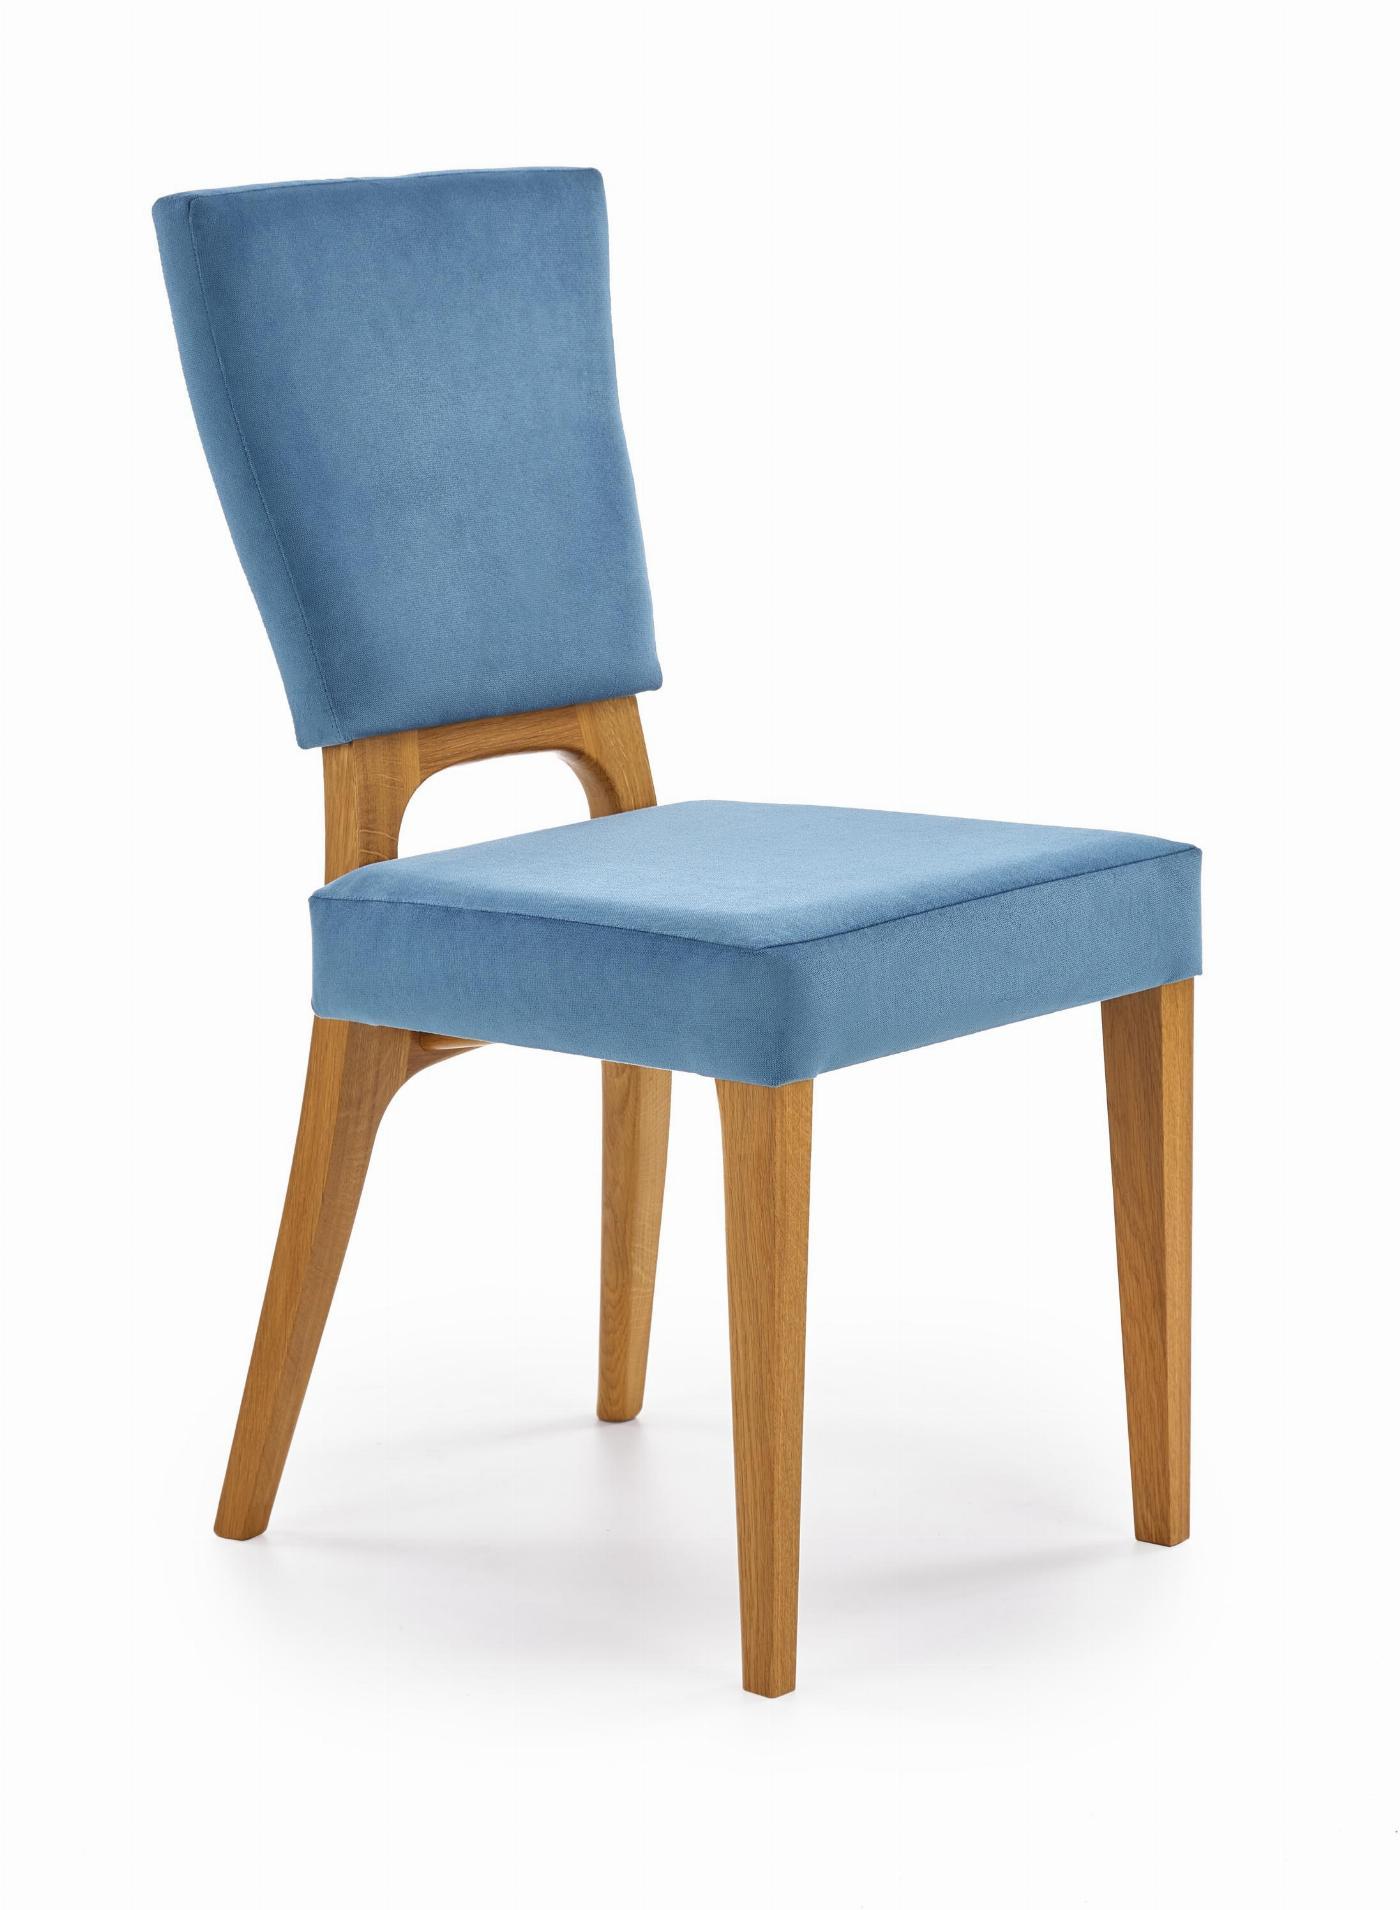 WENANTY krzesło ąb miodowy / morski